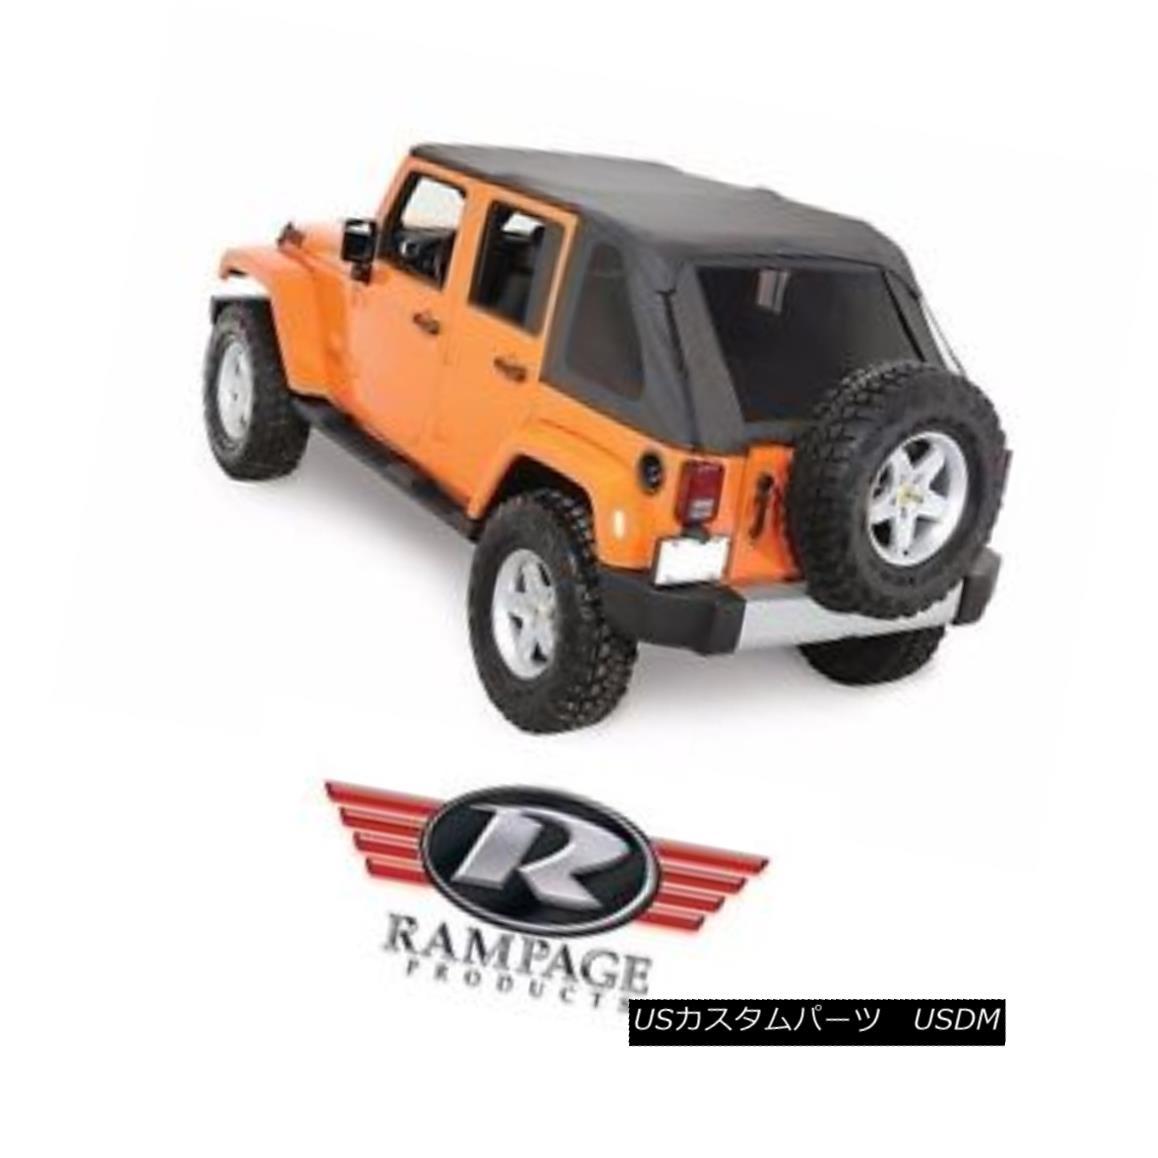 幌・ソフトトップ Rampage Frameless Trail Top w/ Tint 07-17 Jeep Wrangler JK Unlimited 4 Dr 109835 ランペイジフレームレストレイルトップ(色合いあり)07-17ジープラングラーJKアンリミテッド4 Dr 109835